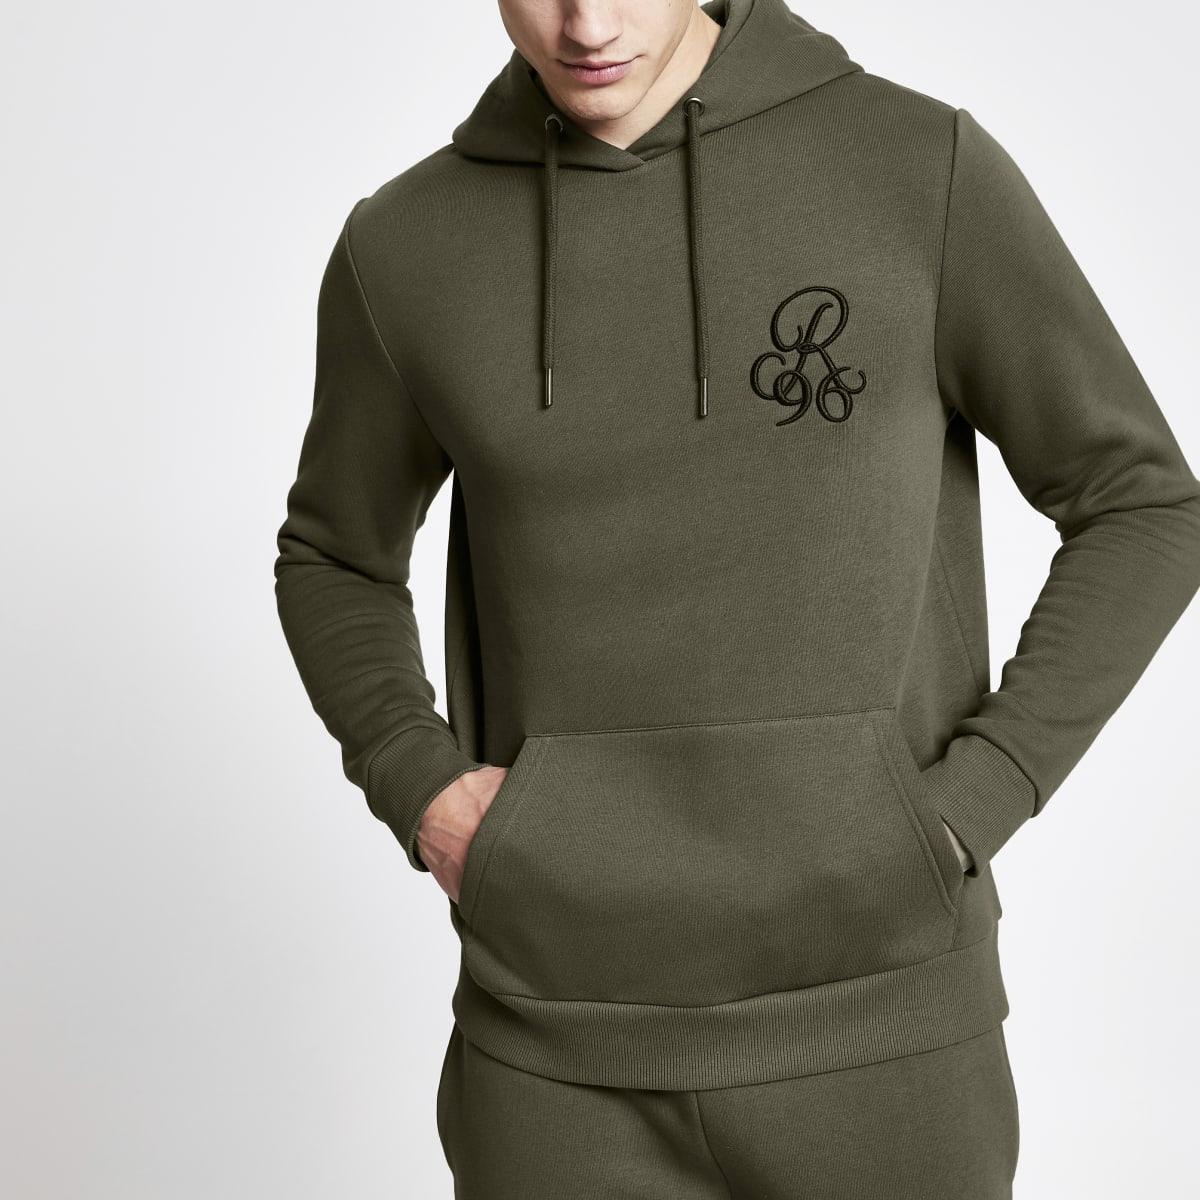 R96 khaki muscle fit hoodie